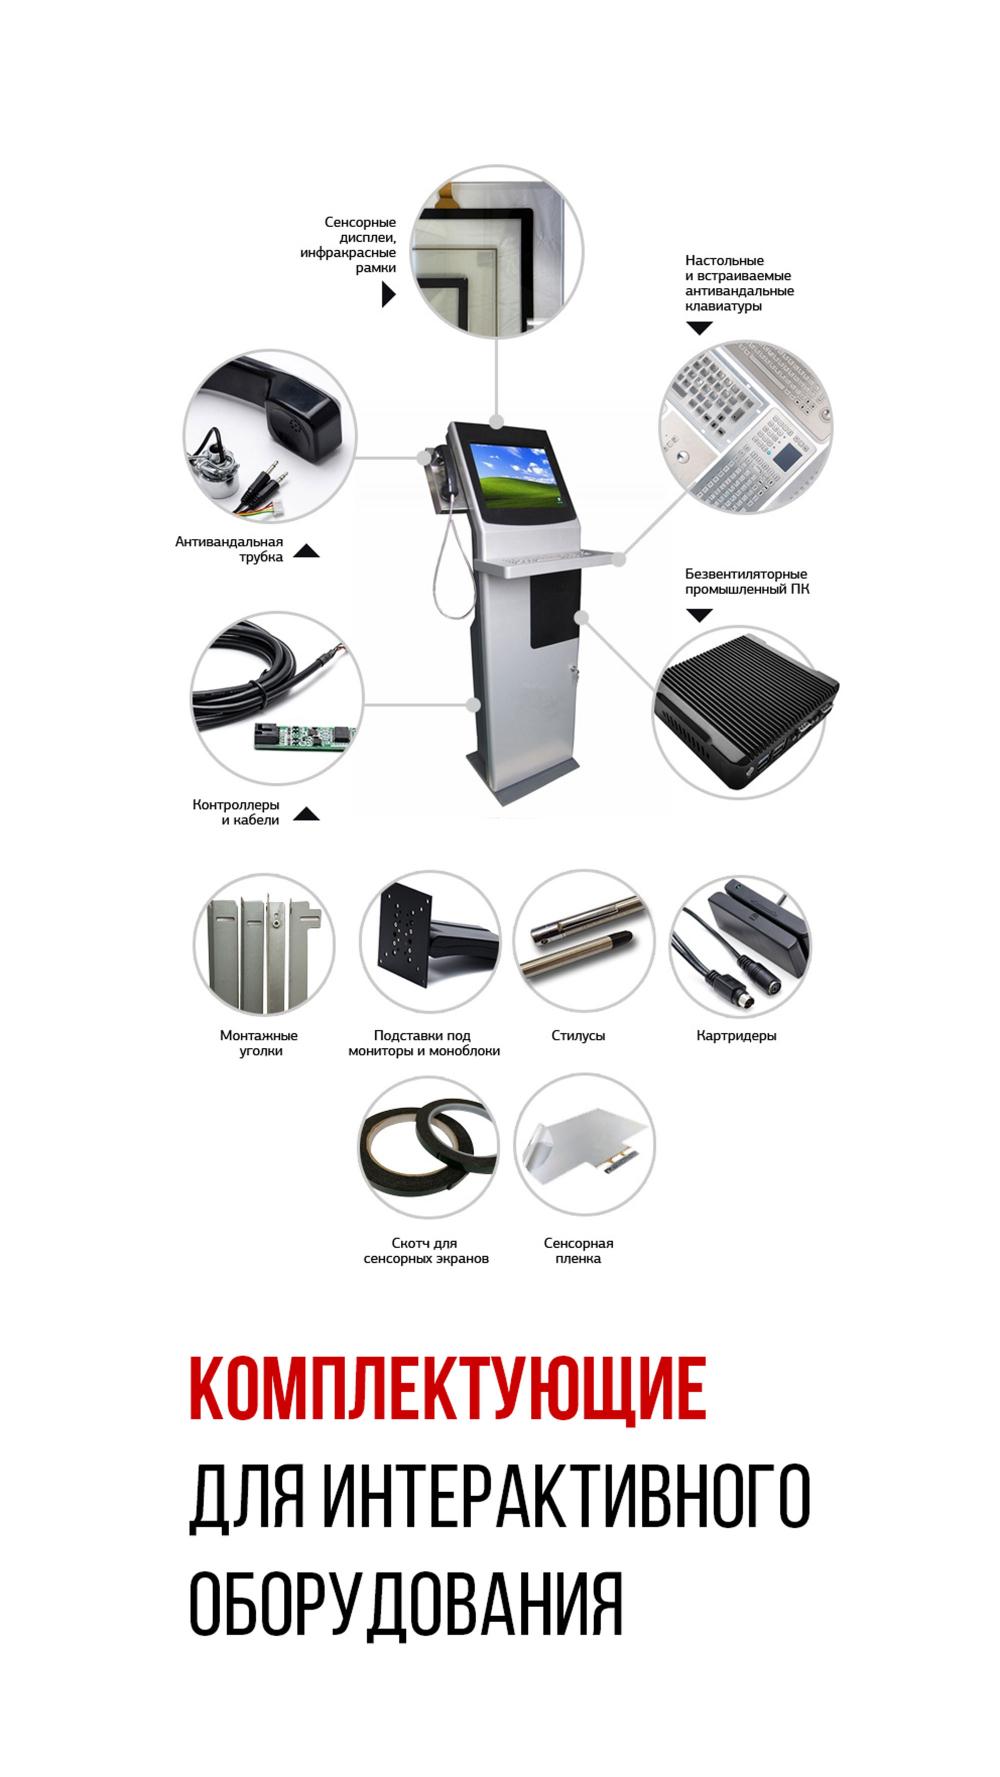 Комплектующие для интерактивного оборудования